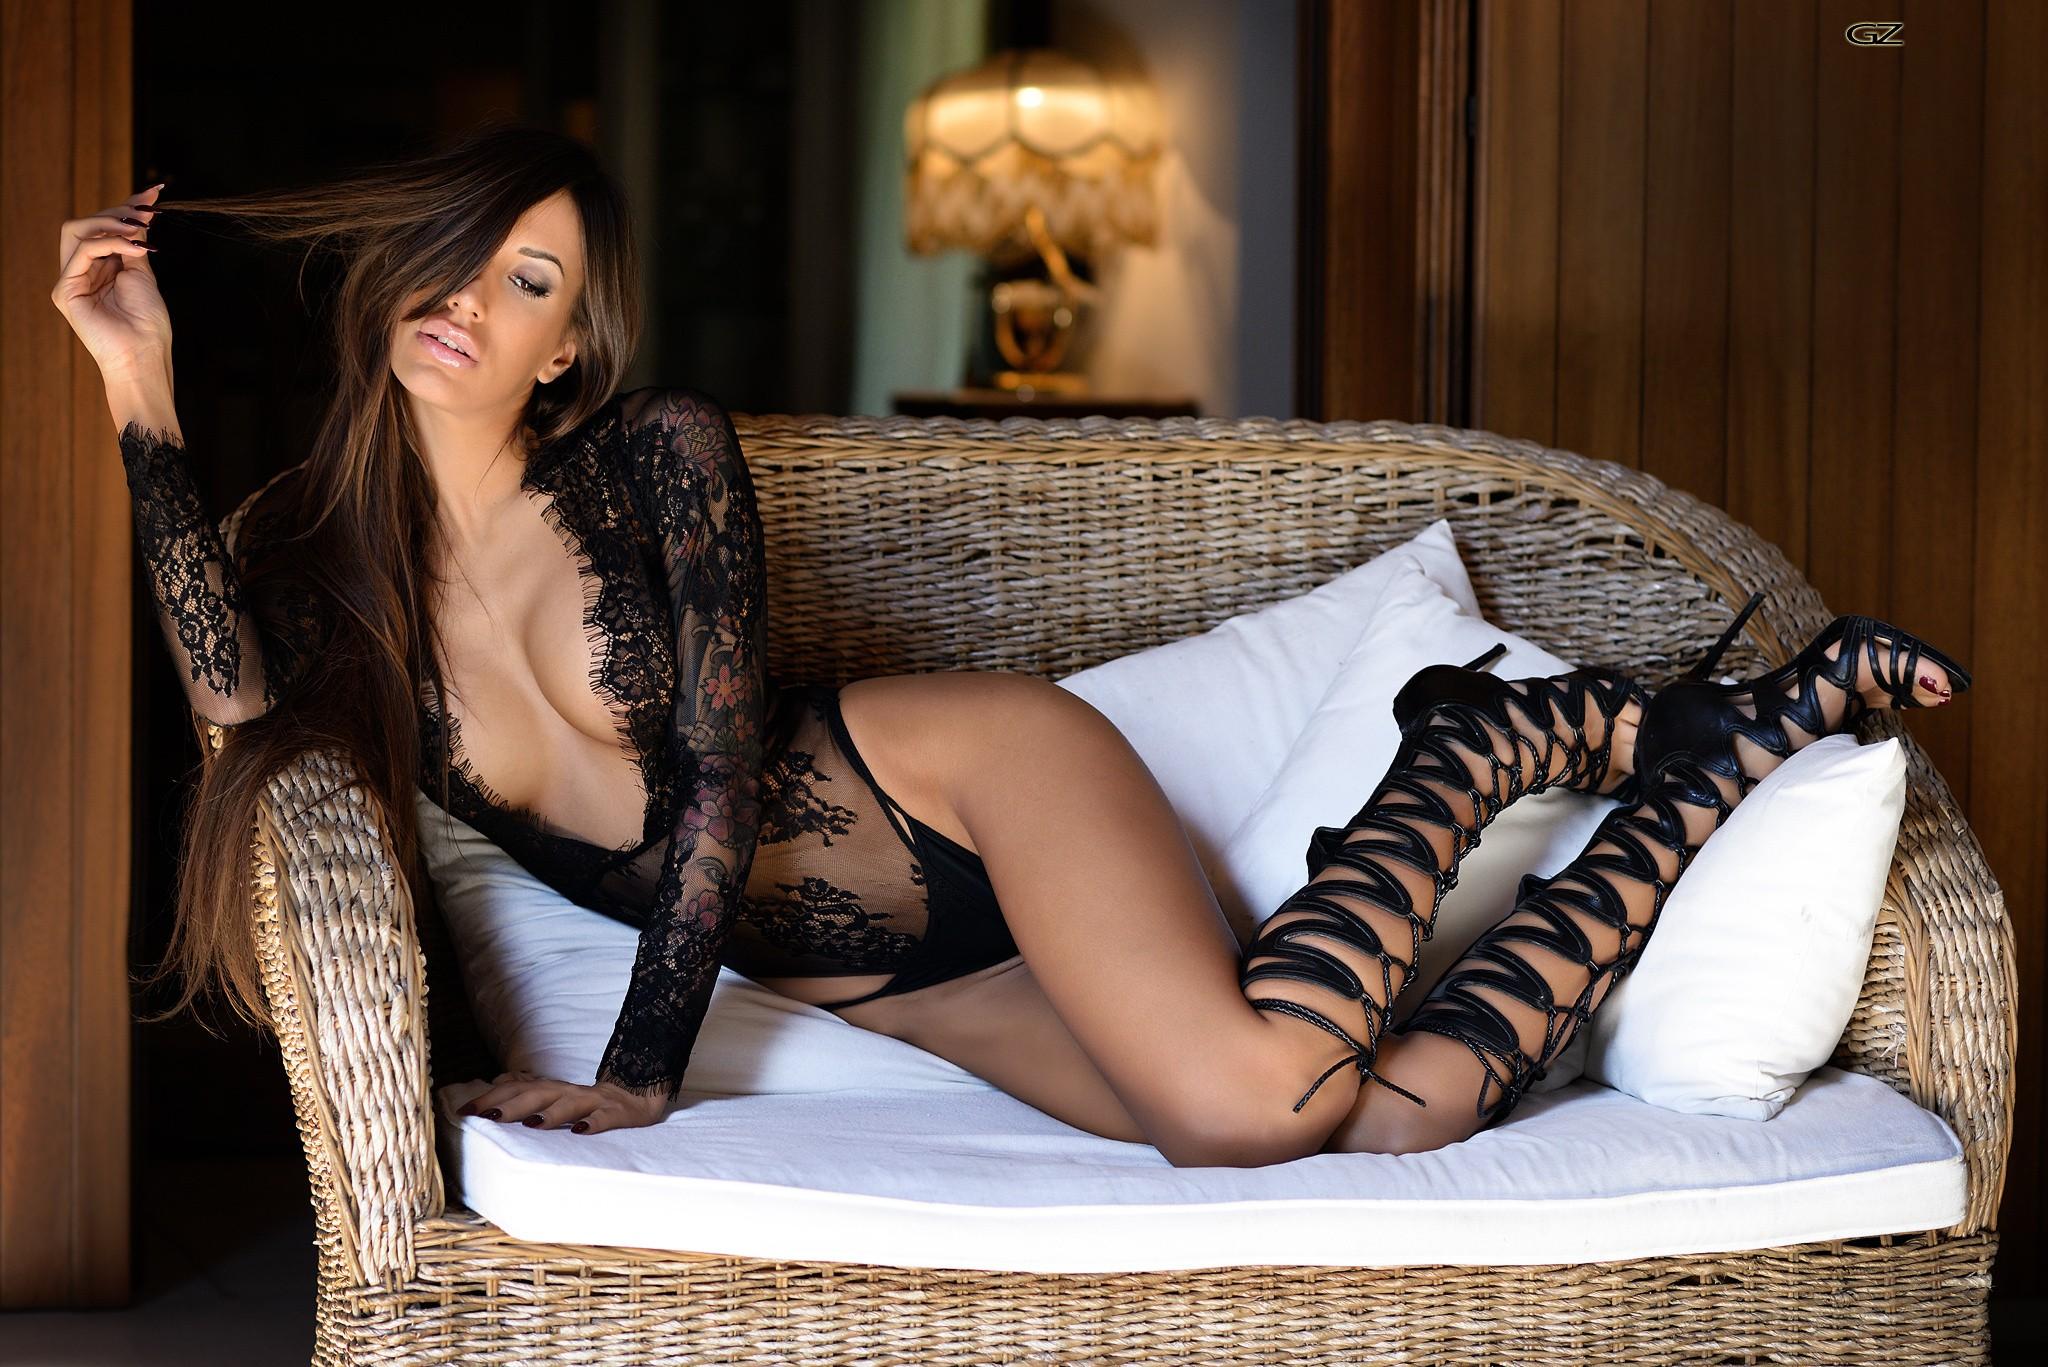 Gorgeous brunette girl posing